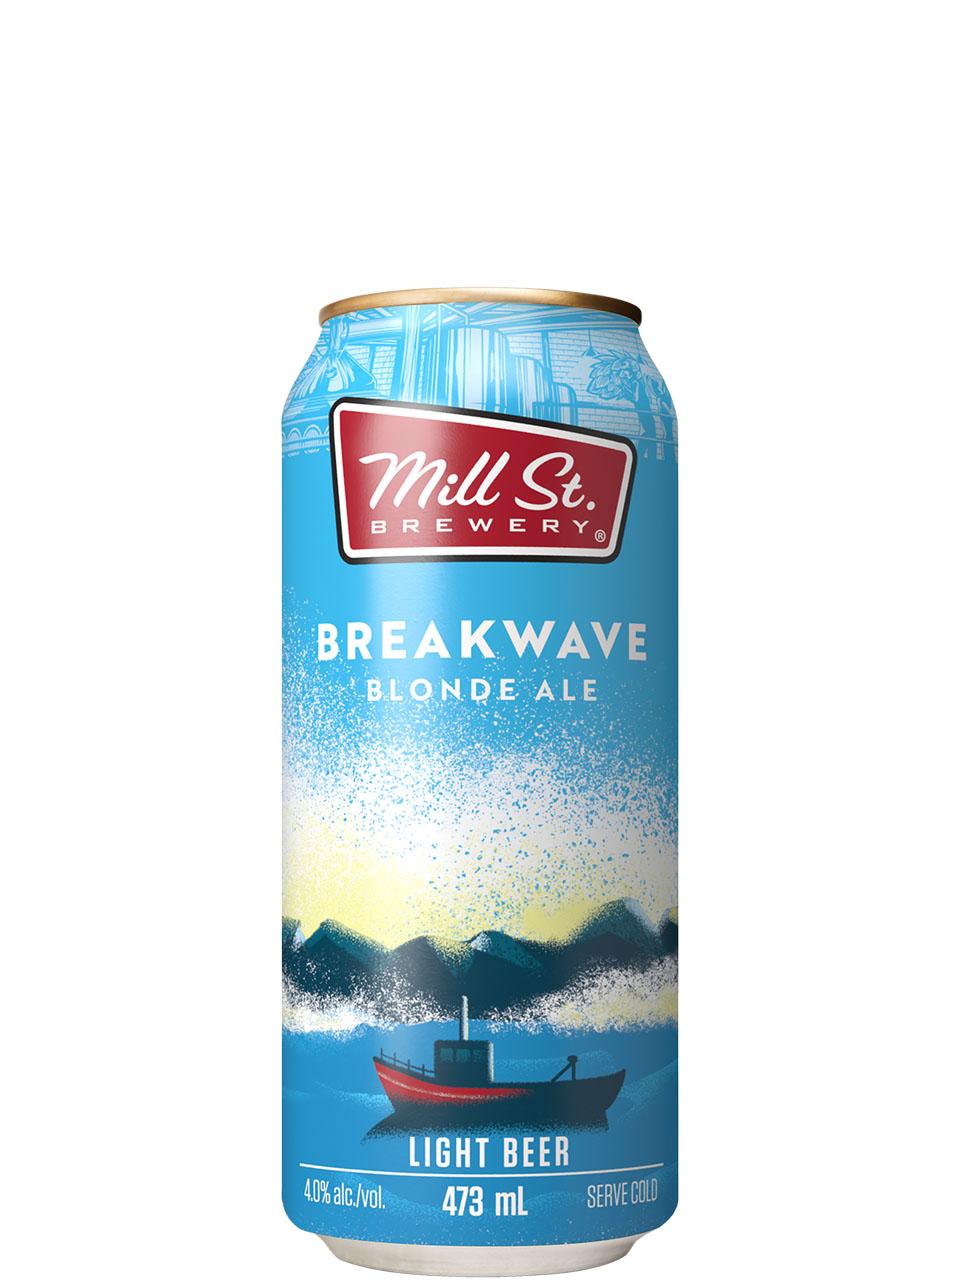 Mill St. Breakwave Blonde Ale 473ml Can